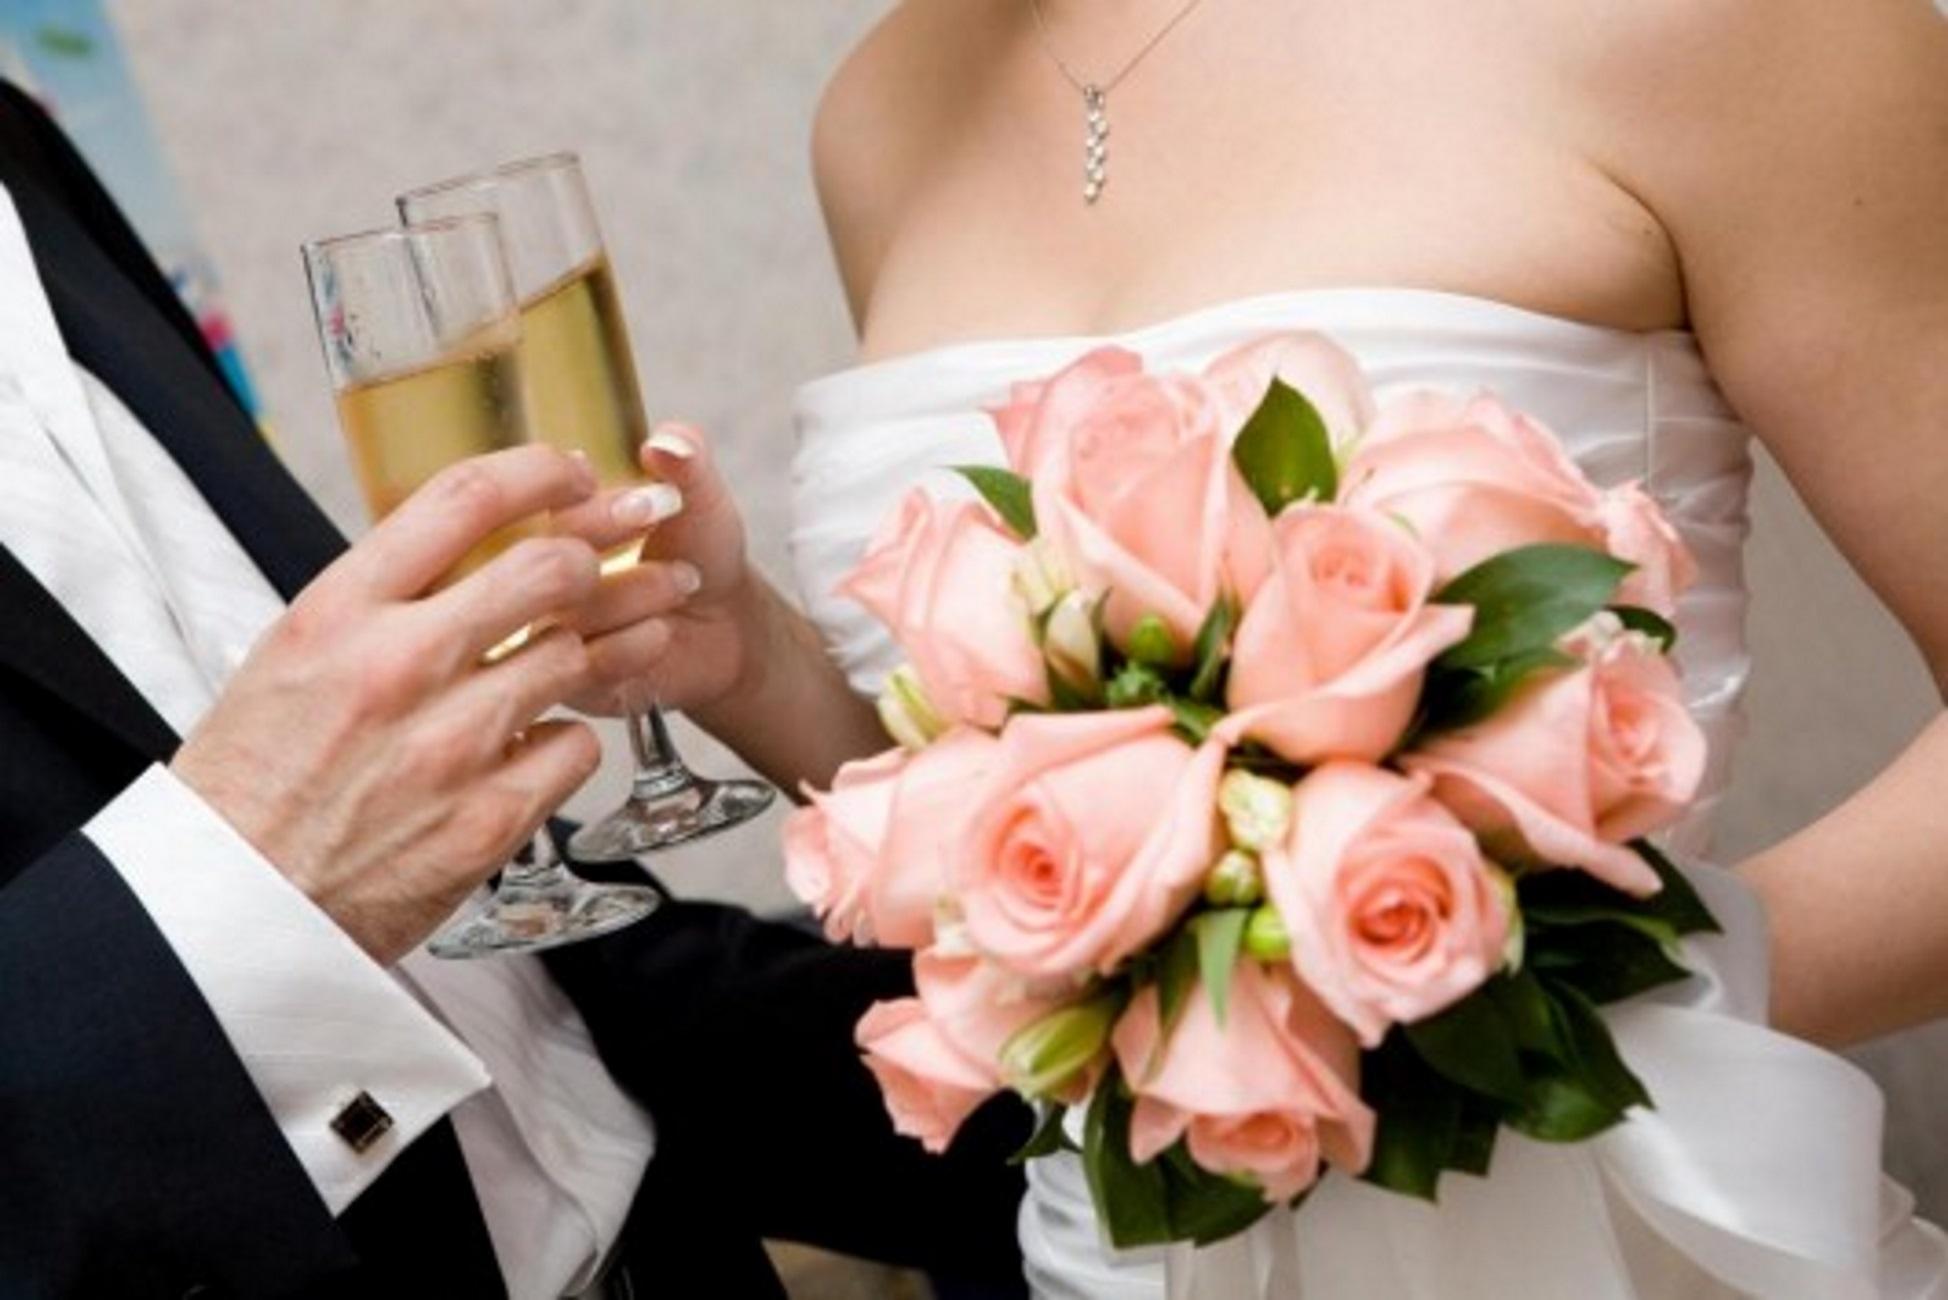 Τρίκαλα: Ο γάμος που διαλύθηκε με χαστούκια της πεθεράς στη νύφη! Διαζύγιο και μηνύσεις